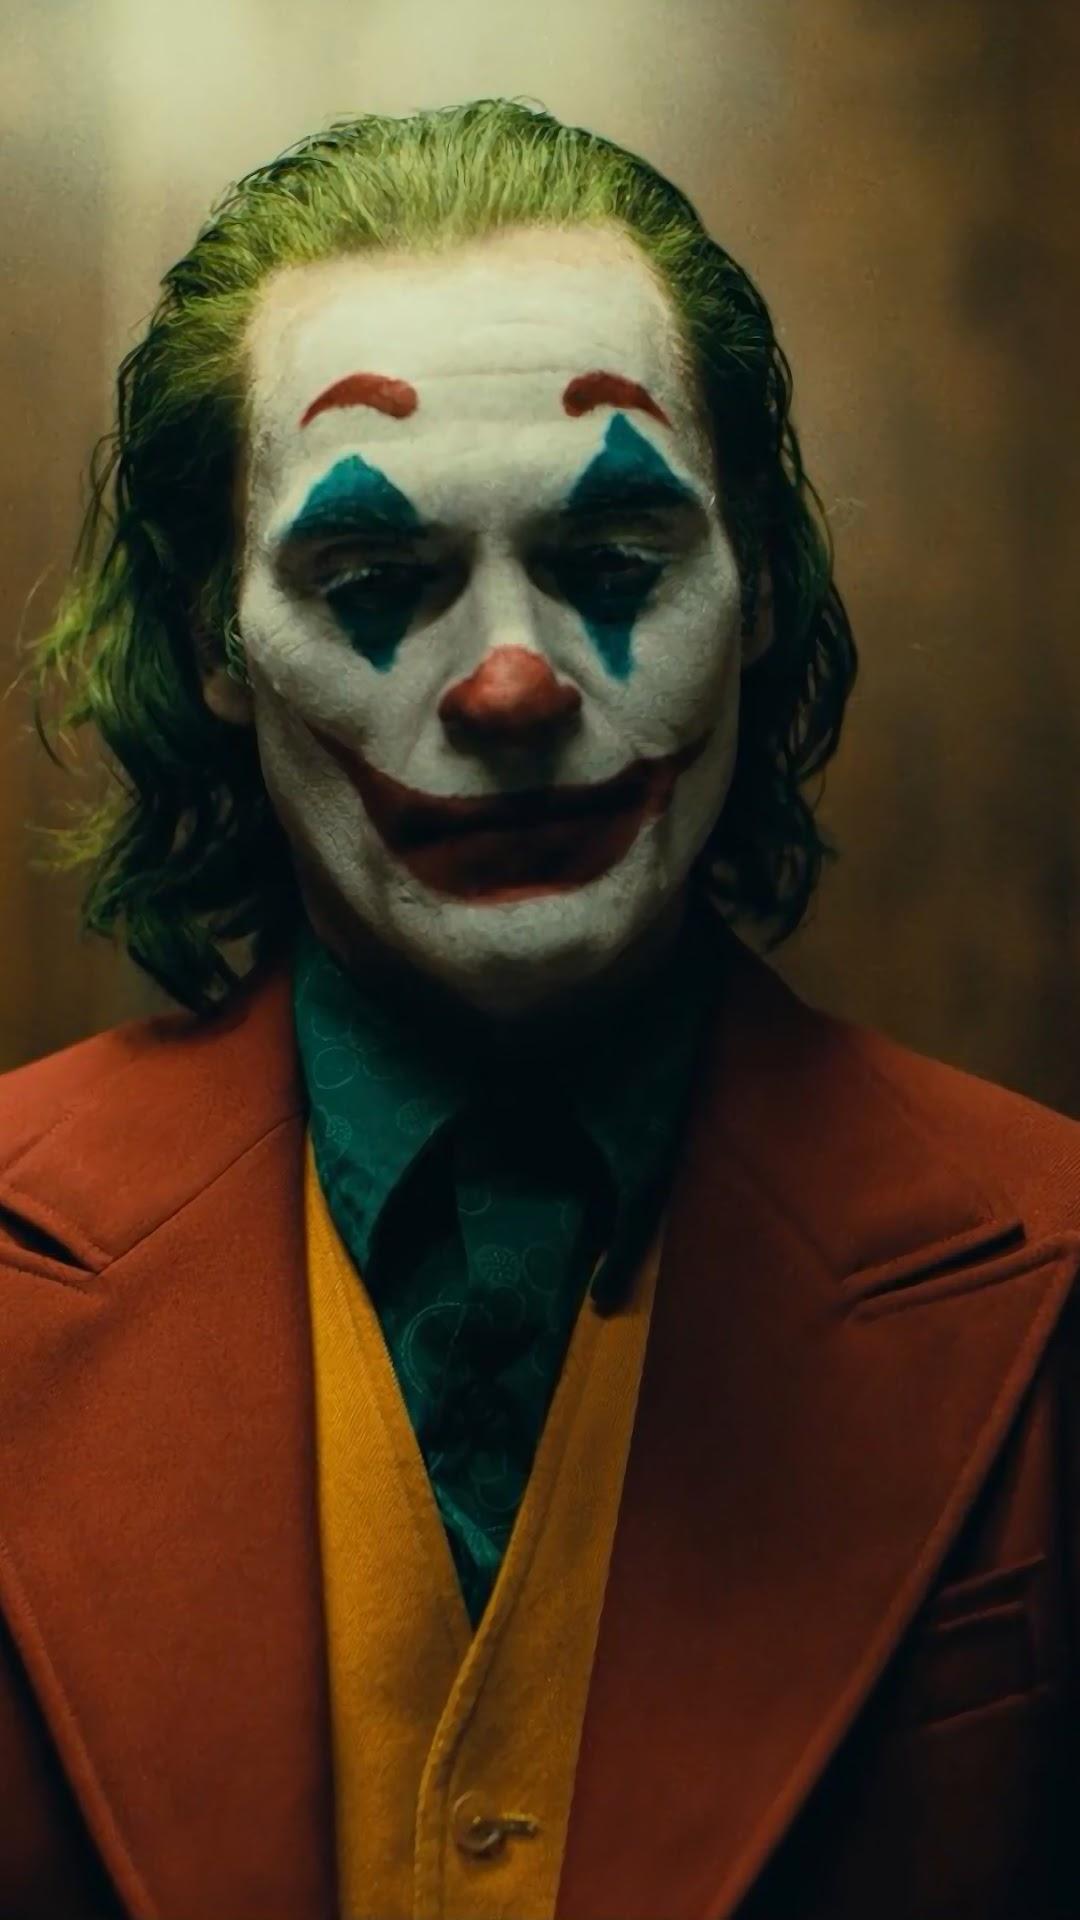 Joker 2019 Juaquin Phoenix 4k Wallpaper 2